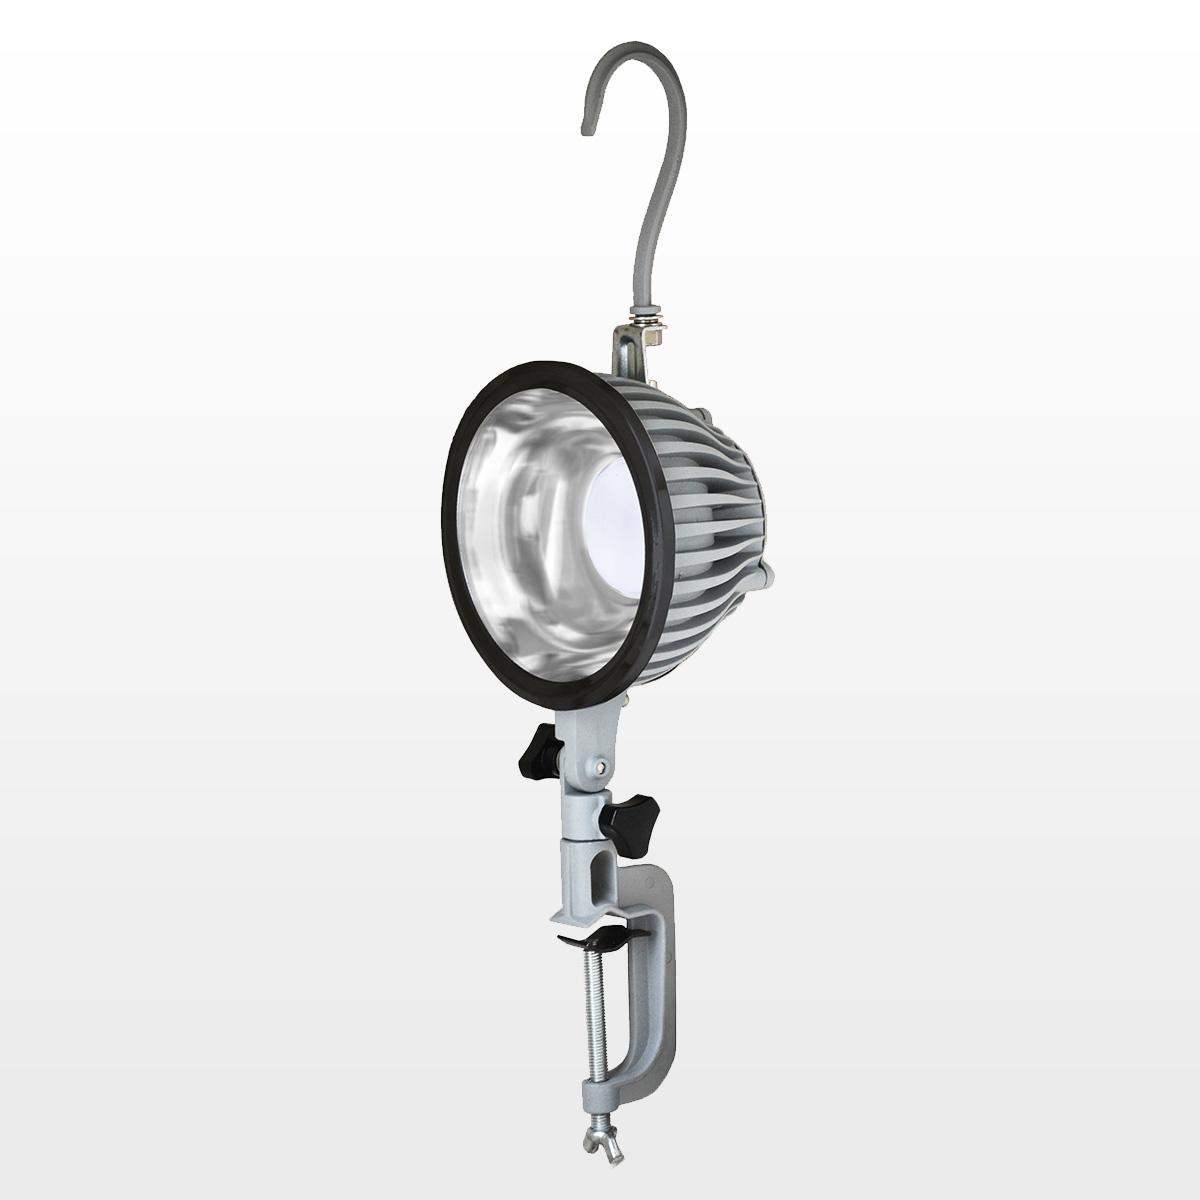 ☆サンウェイ LEDマルチライト・プロ50 屋外対応LED投光器(作業灯) 90V~240V対応 48W 4400lm 屋外用レフランプ480W相当 昼光色(6500K) 照射角度60° 防塵 防雨(IP65) 電源ケーブル5m SWGL050ED